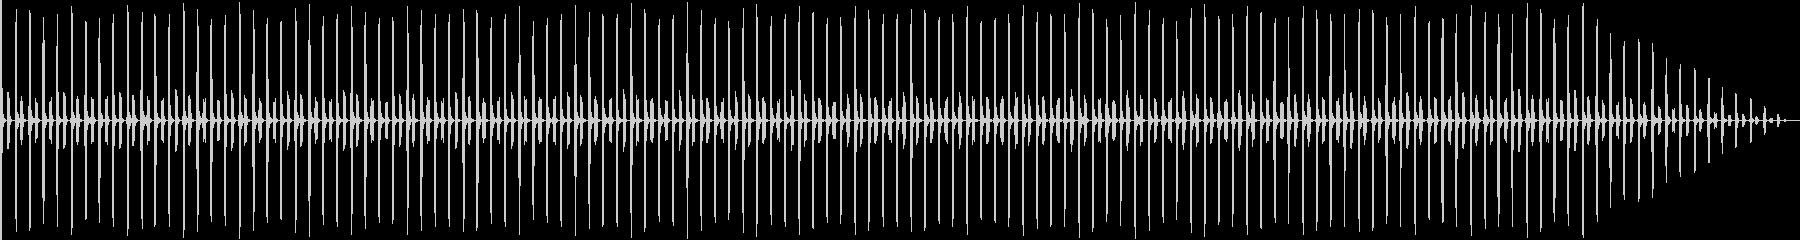 子供が走る足音 01の未再生の波形